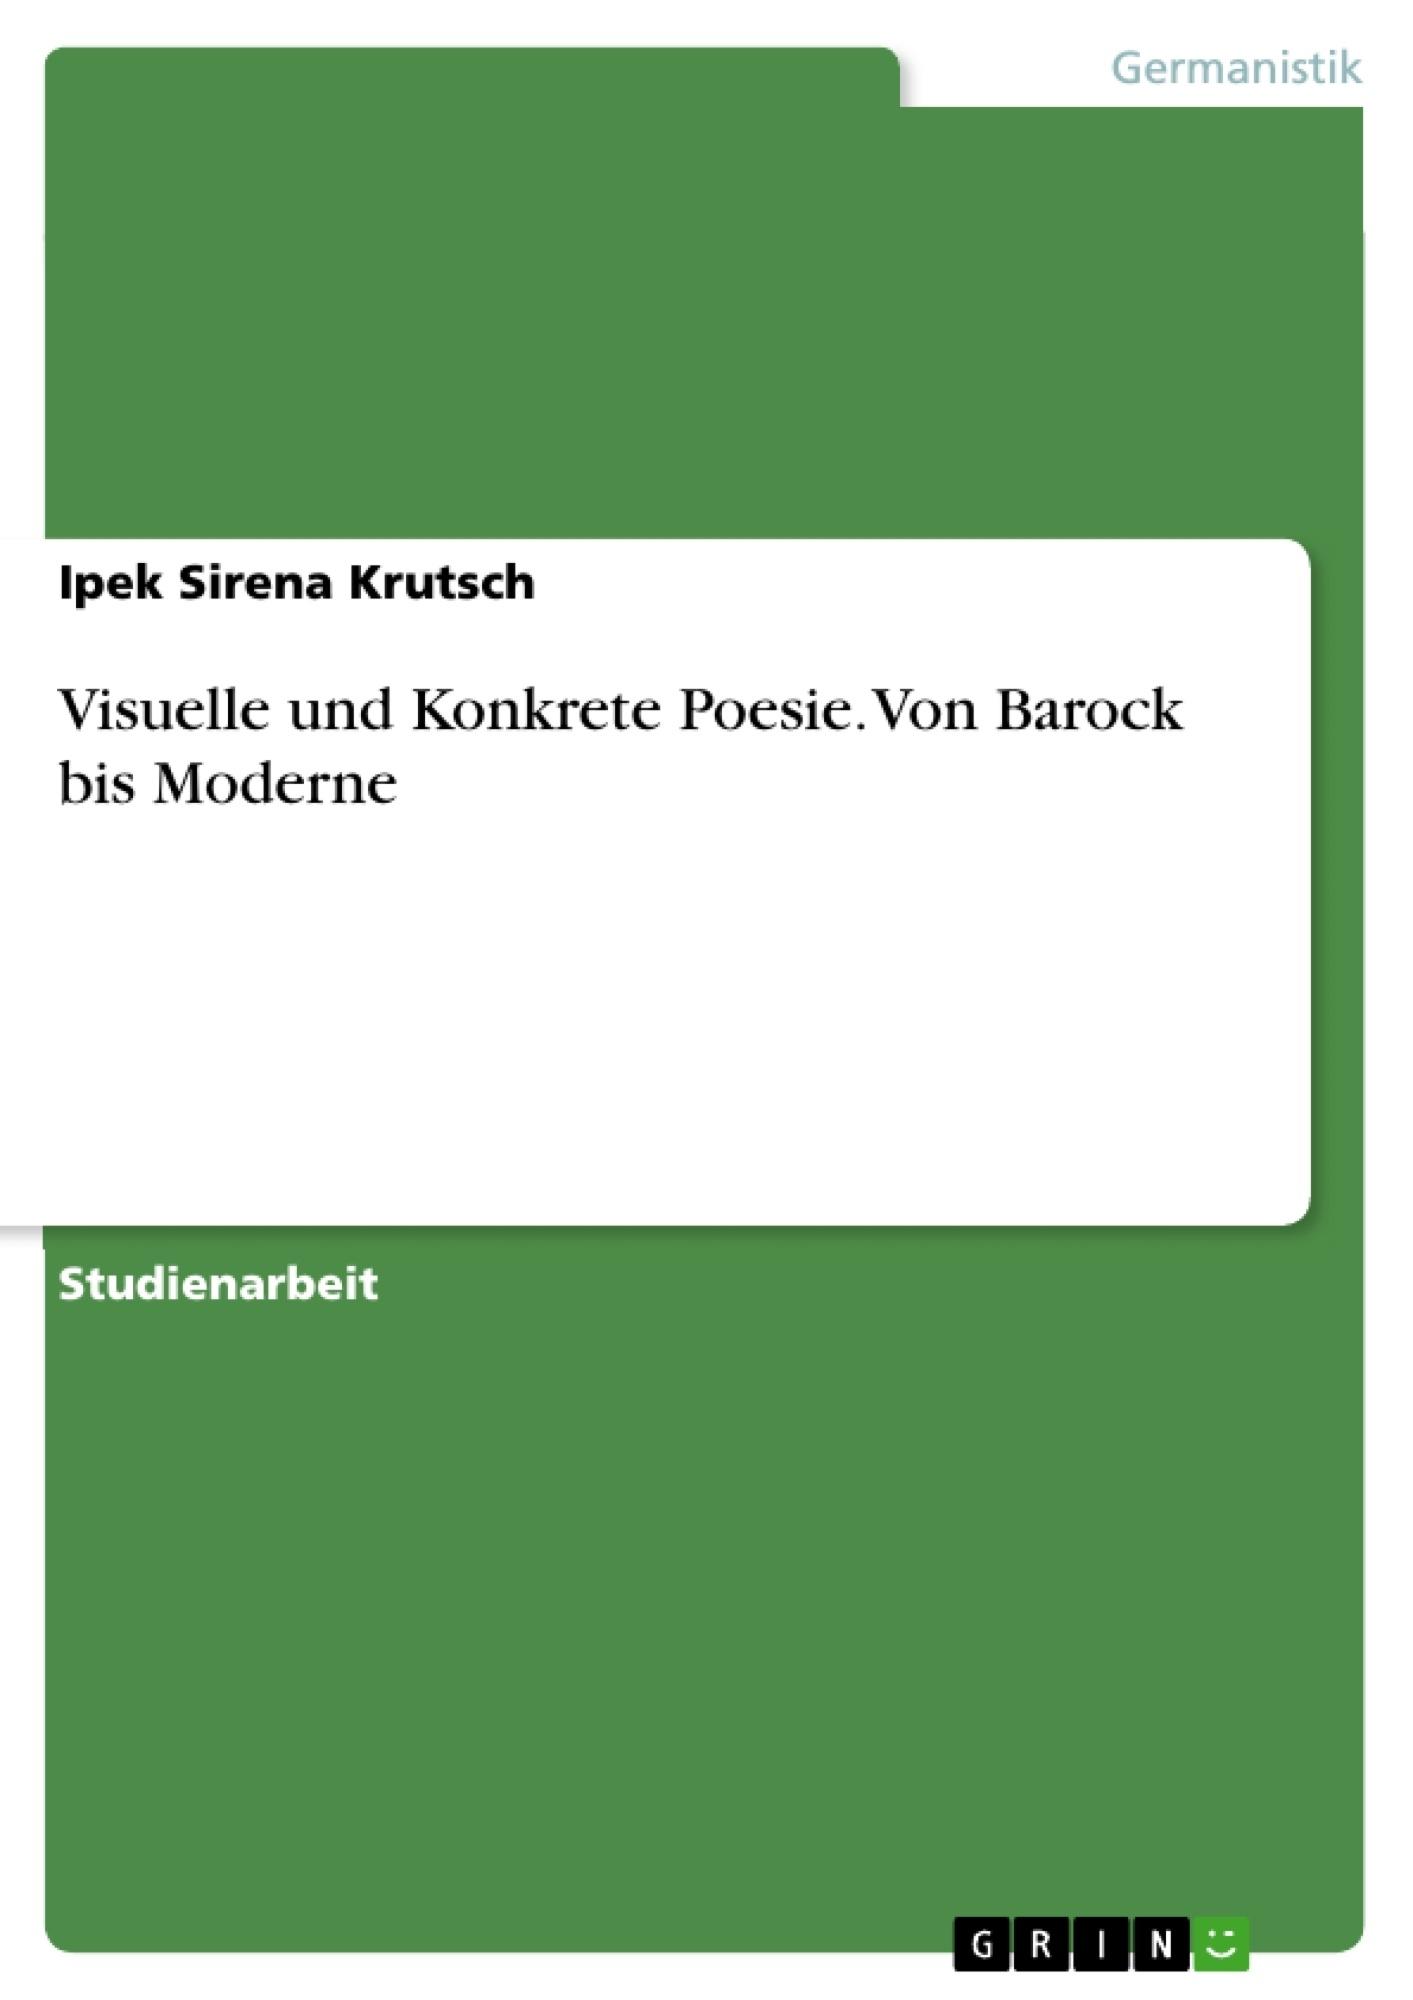 Titel: Visuelle und Konkrete Poesie. Von Barock bis Moderne